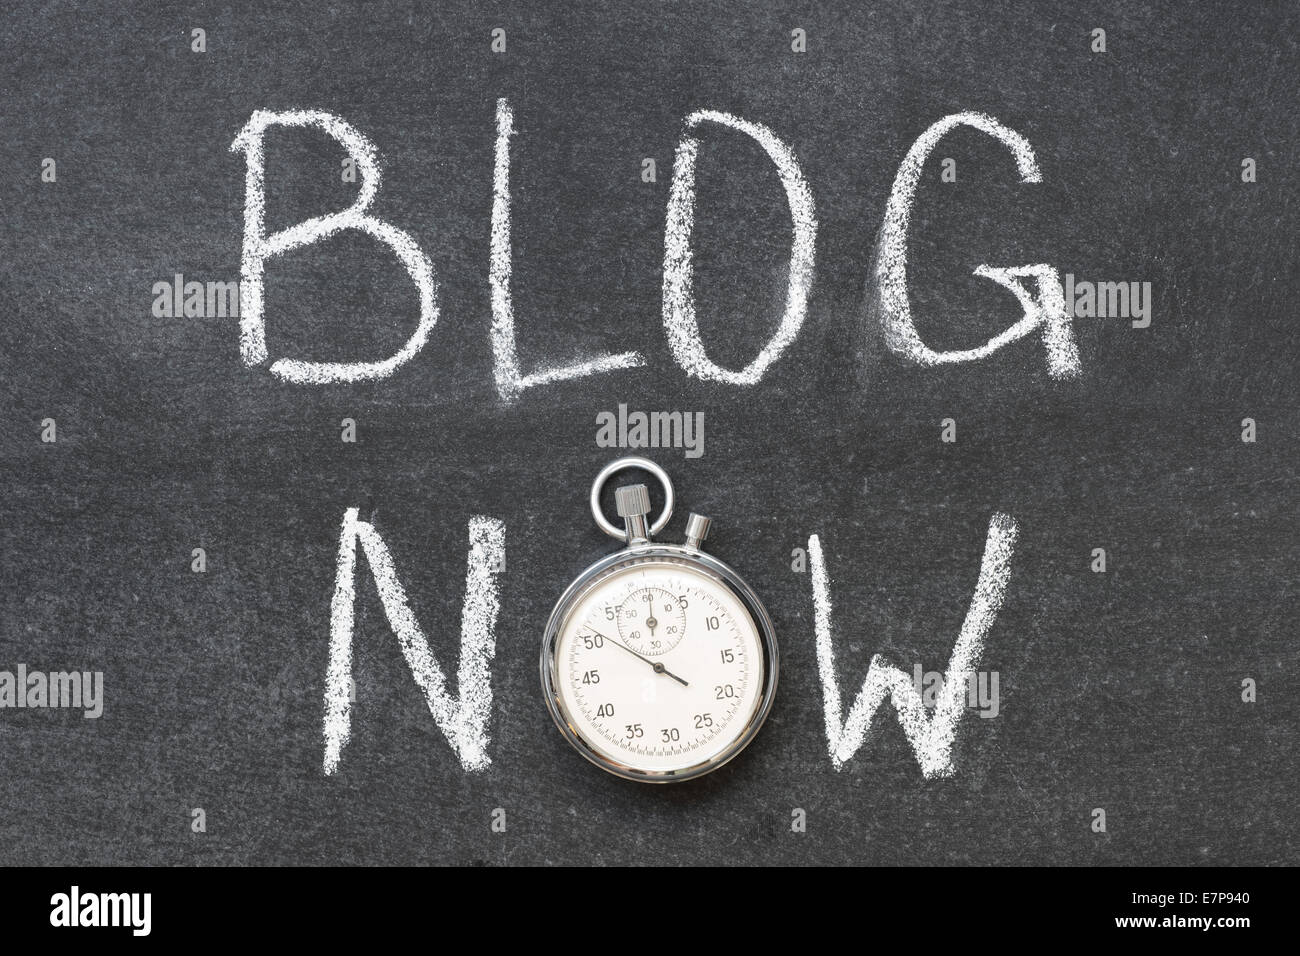 Blog ora concetto manoscritta su lavagna con vintage cronometro preciso utilizzato al posto di o Immagini Stock